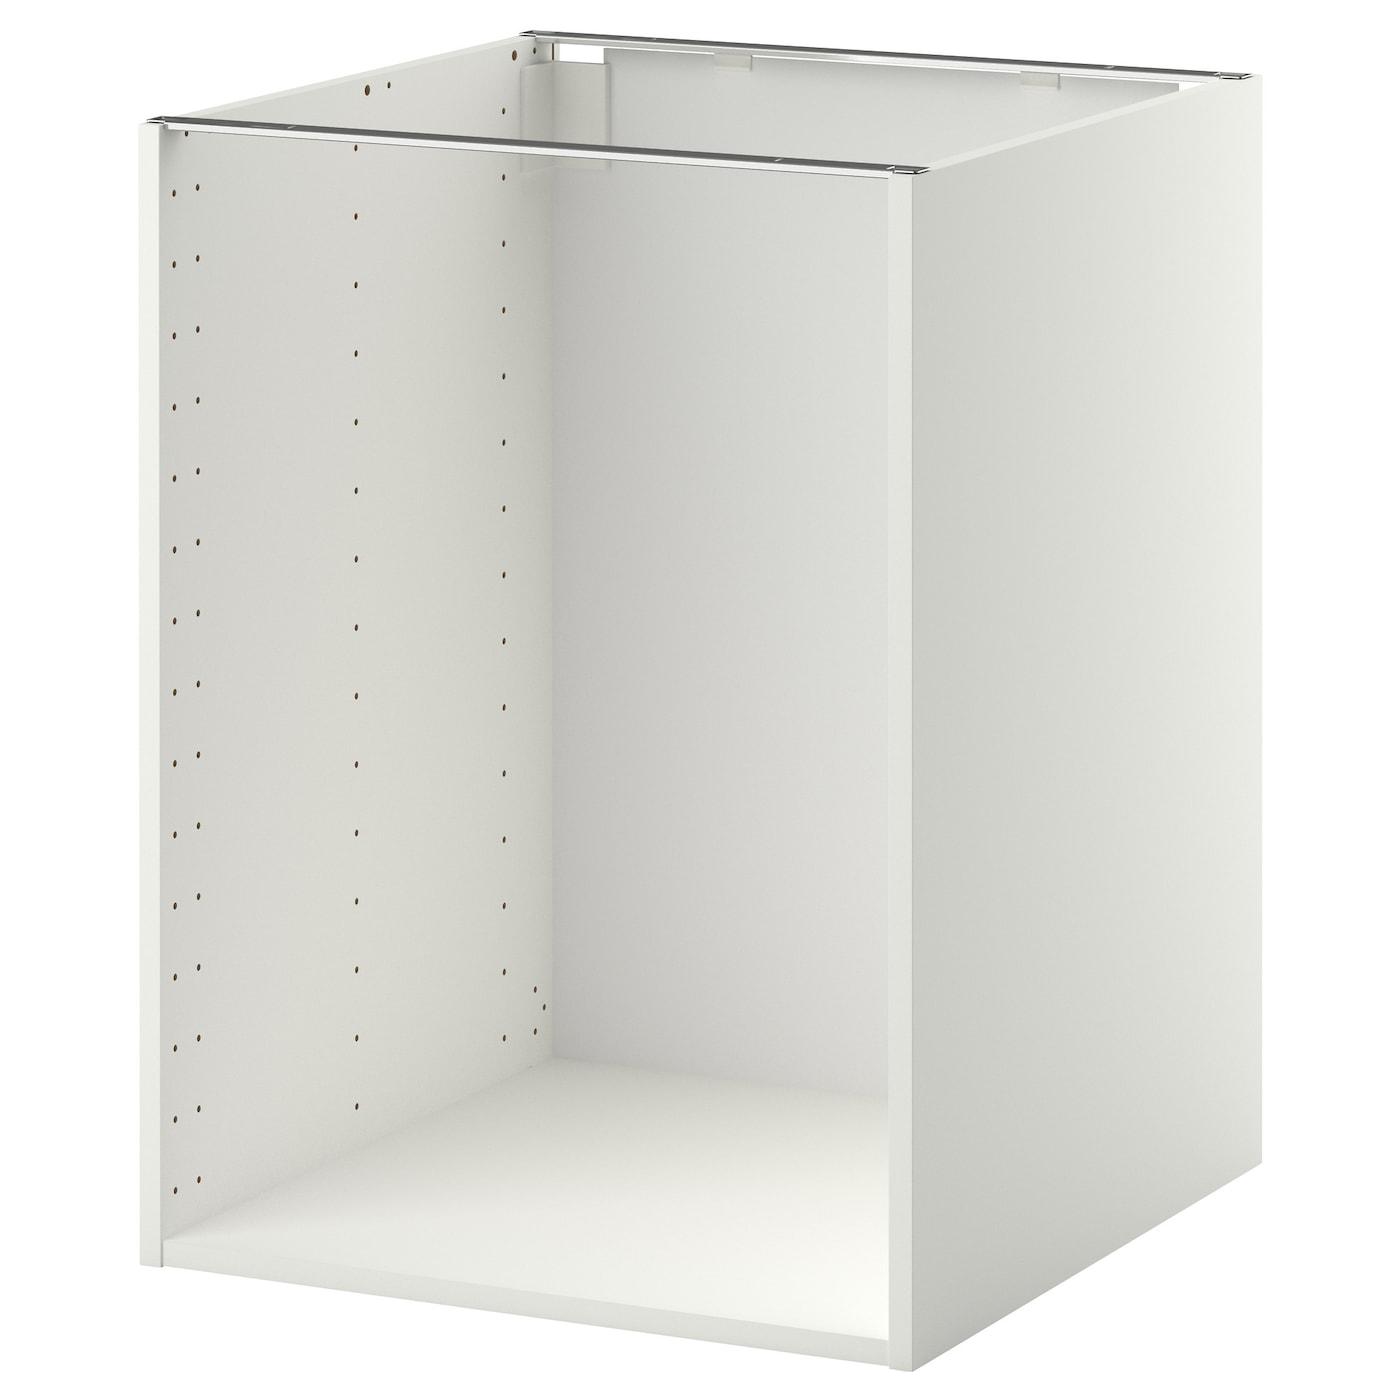 metod base cabinet frame white 60x60x80 cm ikea. Black Bedroom Furniture Sets. Home Design Ideas